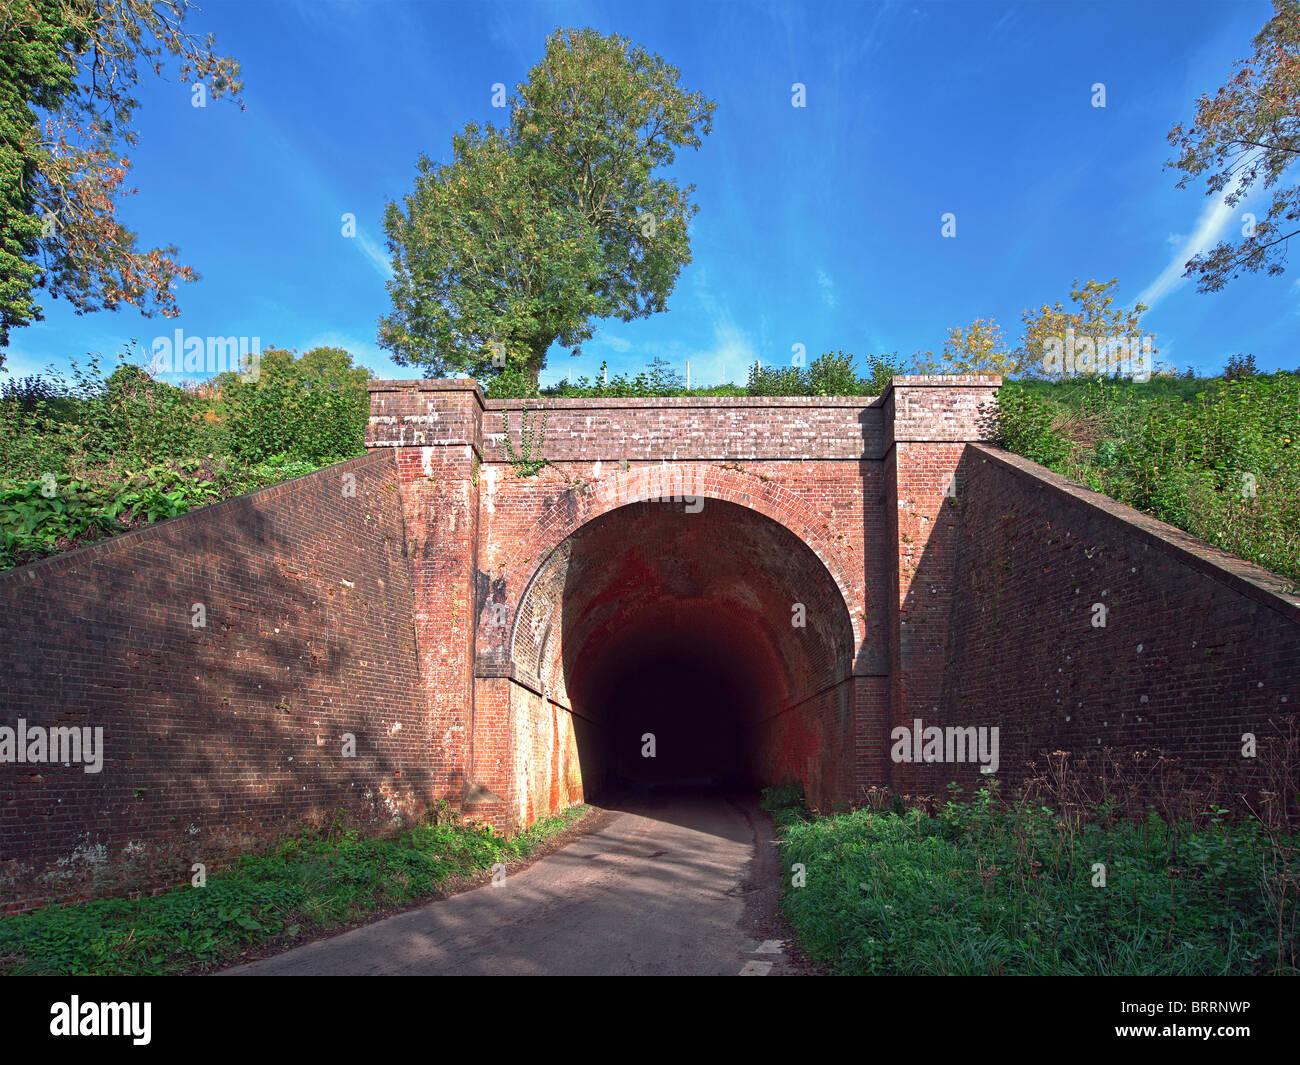 Tunnel en brique rouge sur un remblai de chemin de fer avec le cadre avec un grand arbre et ciel bleu Banque D'Images